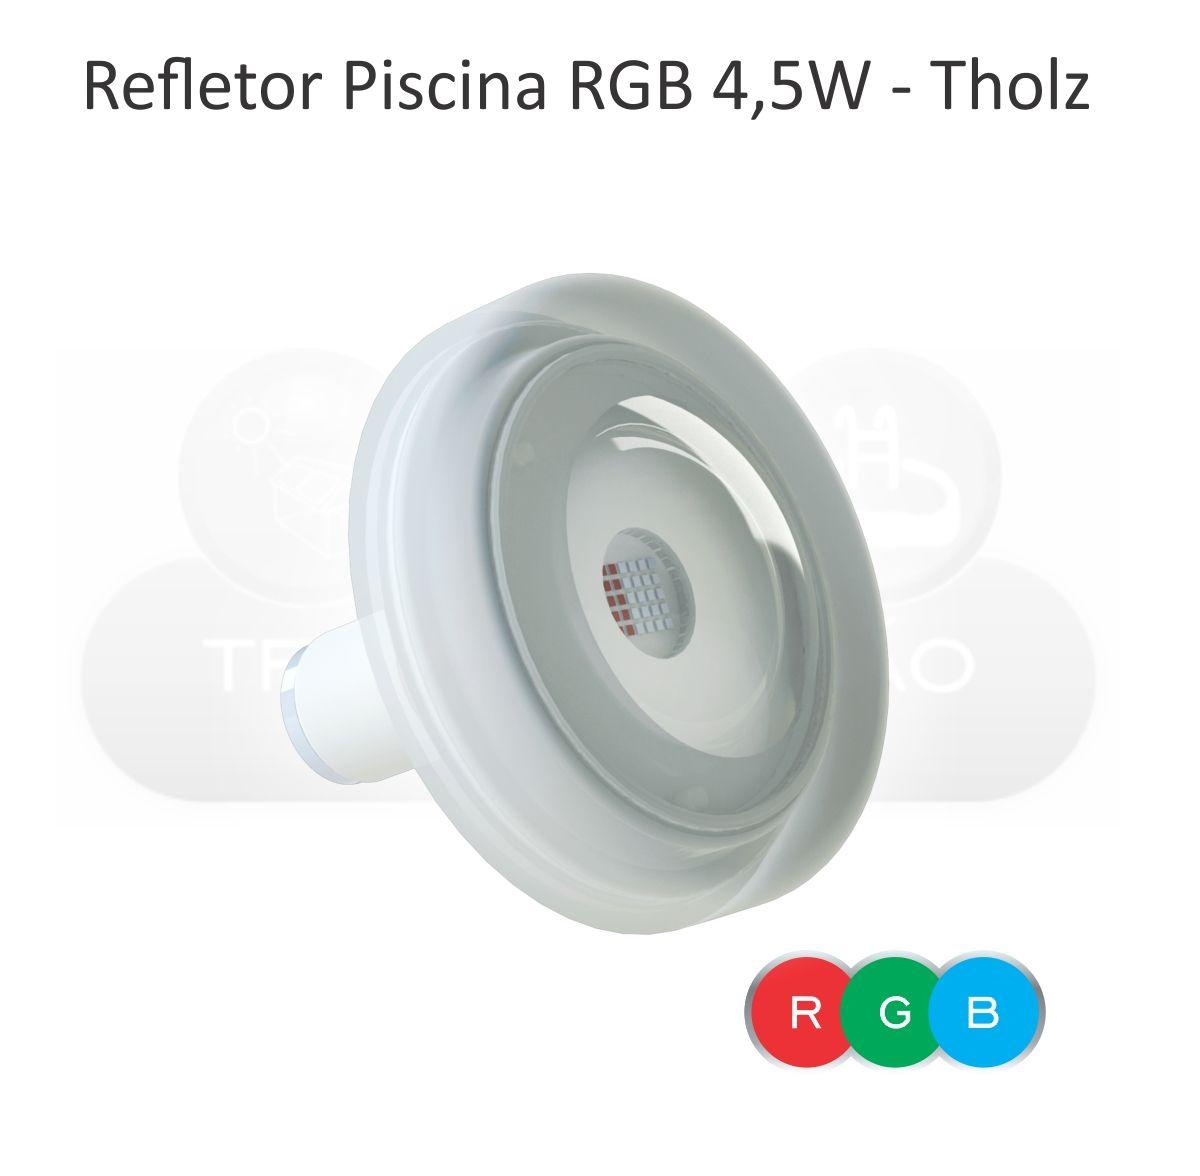 Power LED RGB - Piscina - 4,5W - Cabo de 20M